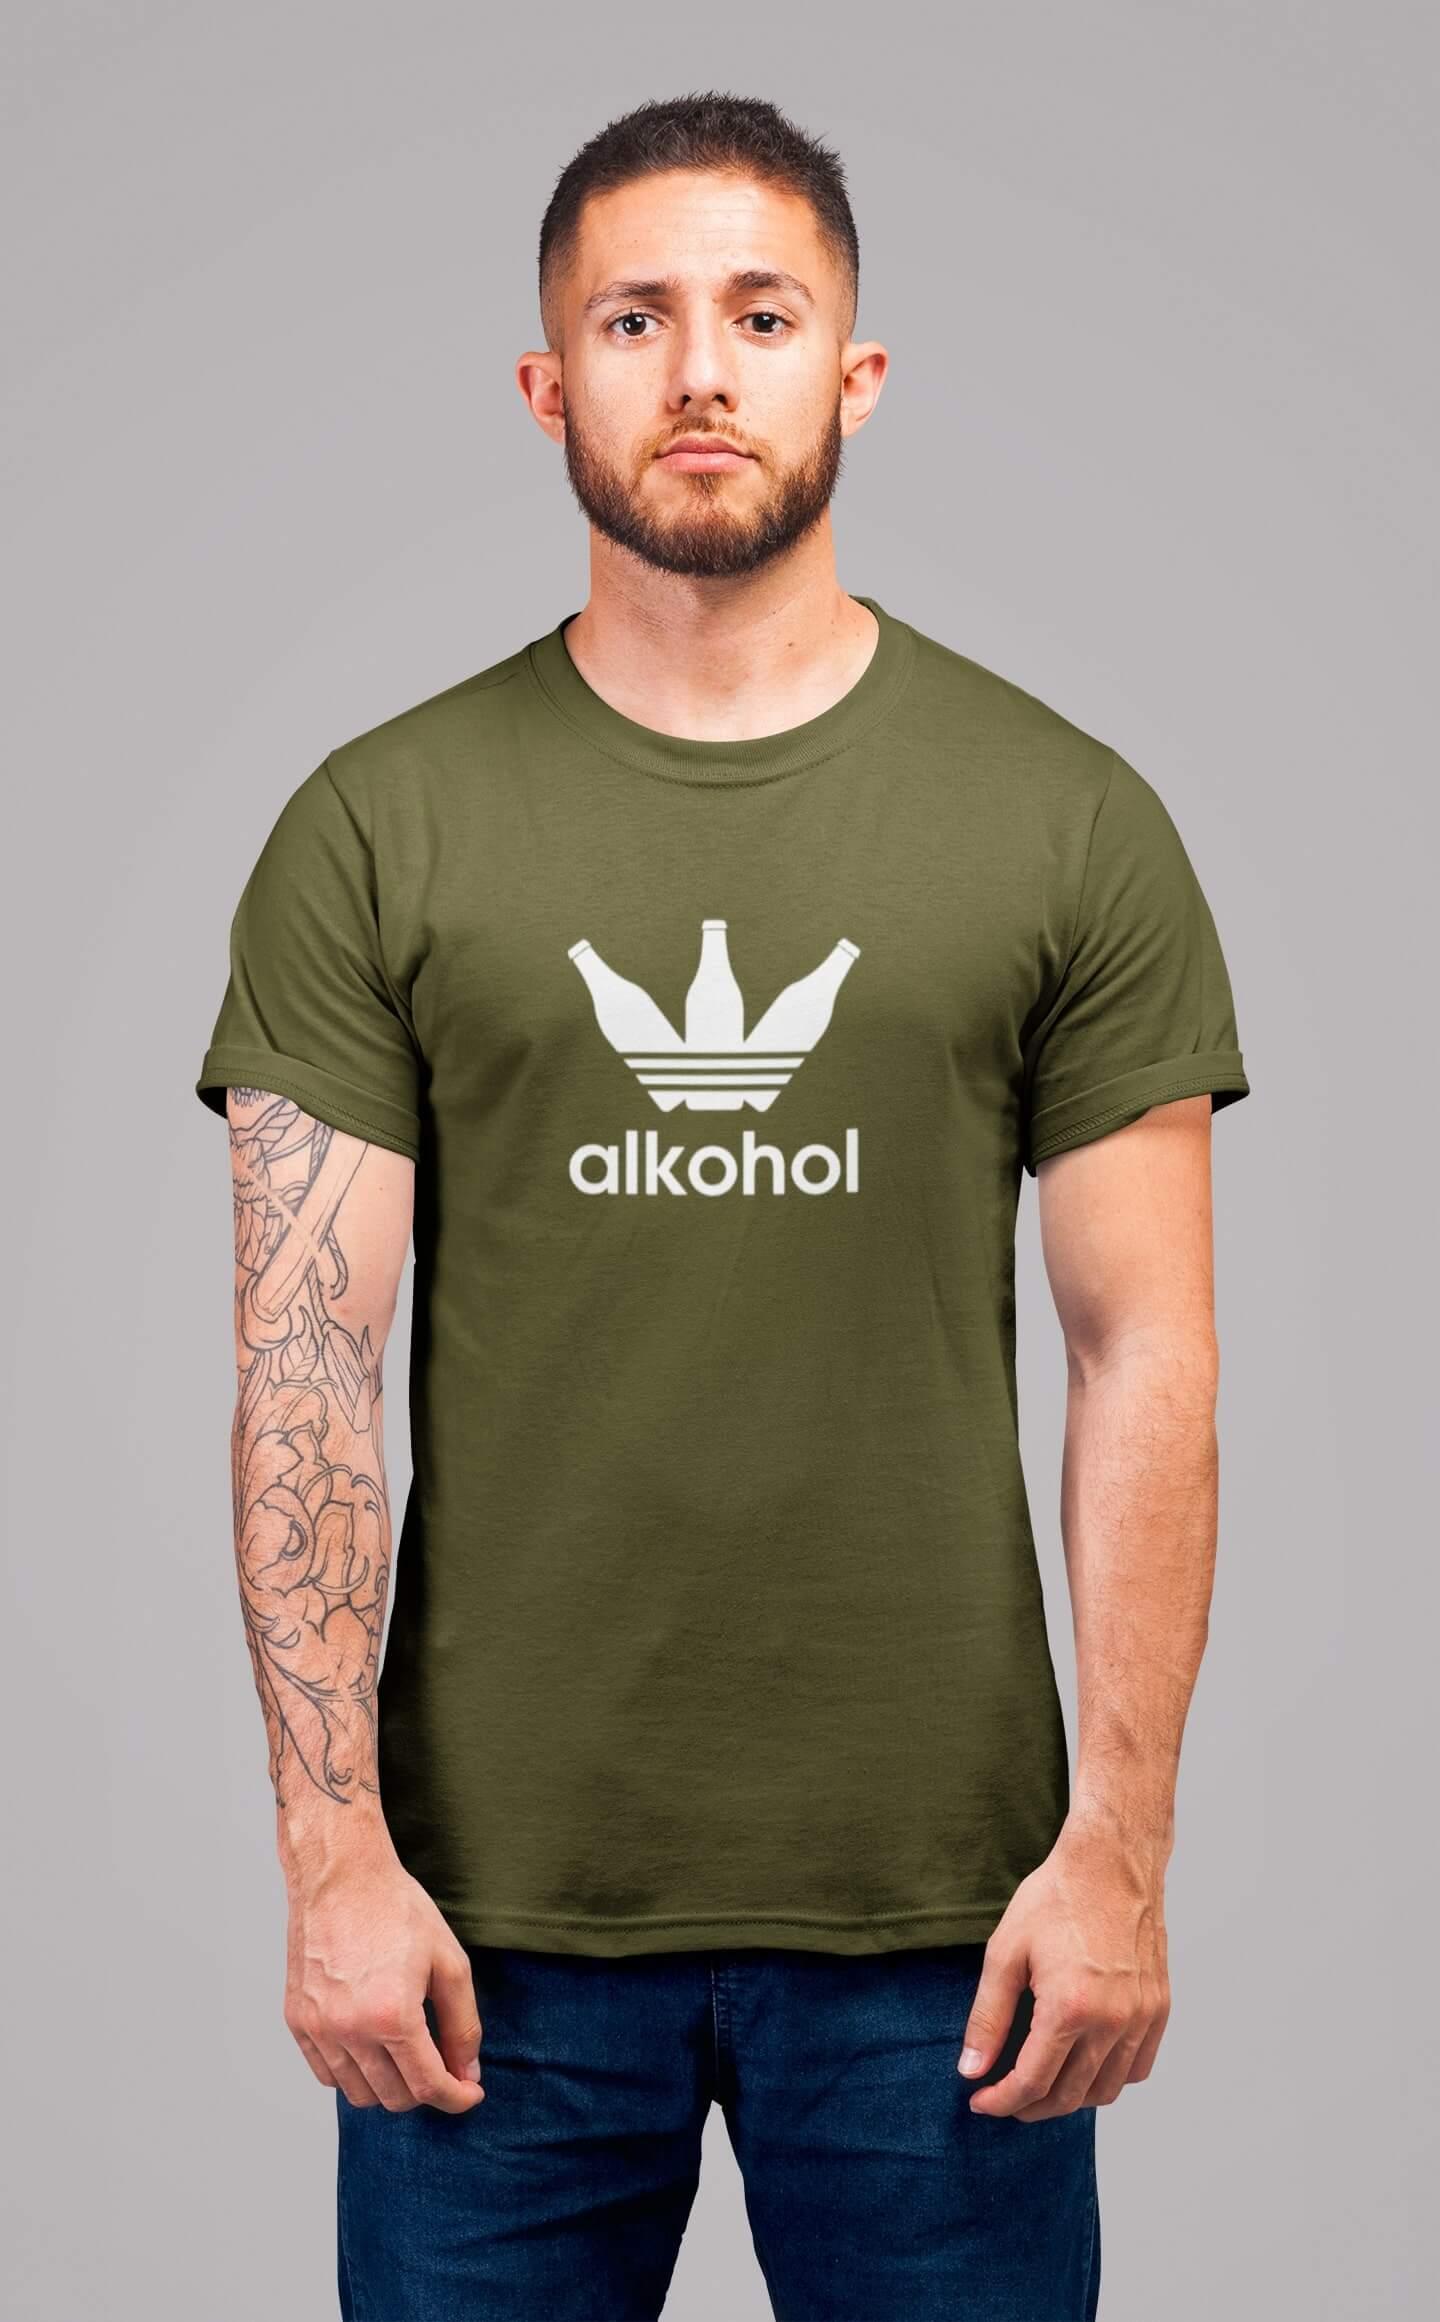 MMO Pánske tričko s flaškami Vyberte farbu: Khaki, Pánska veľkosť: S